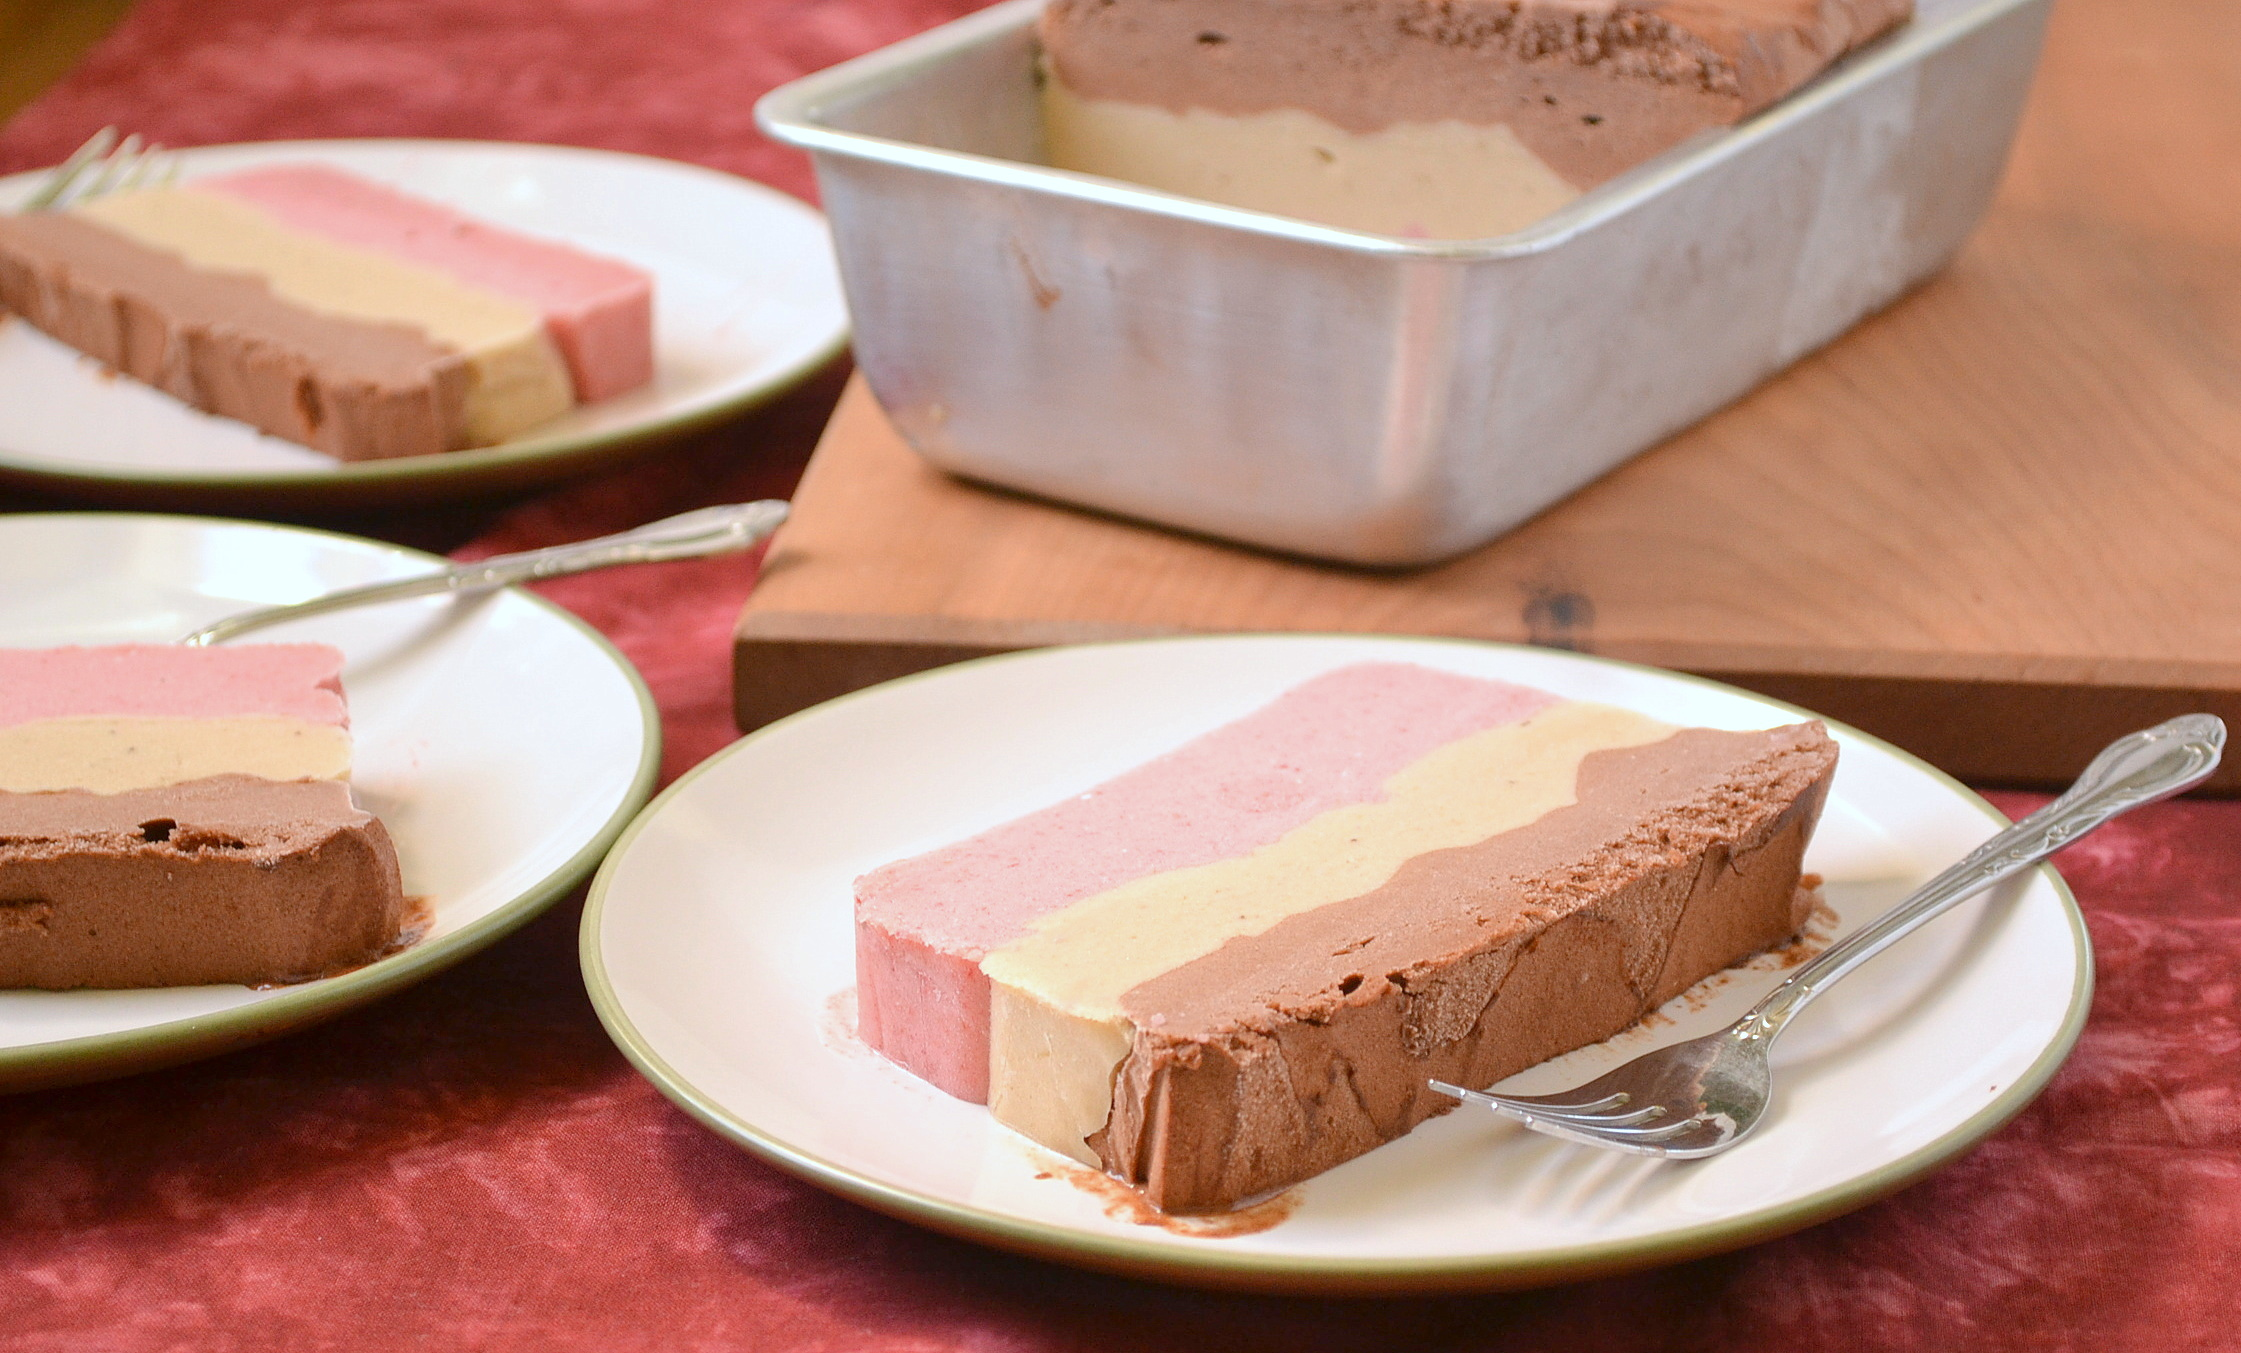 Vegan Layered Neapolitan Ice Cream Cake